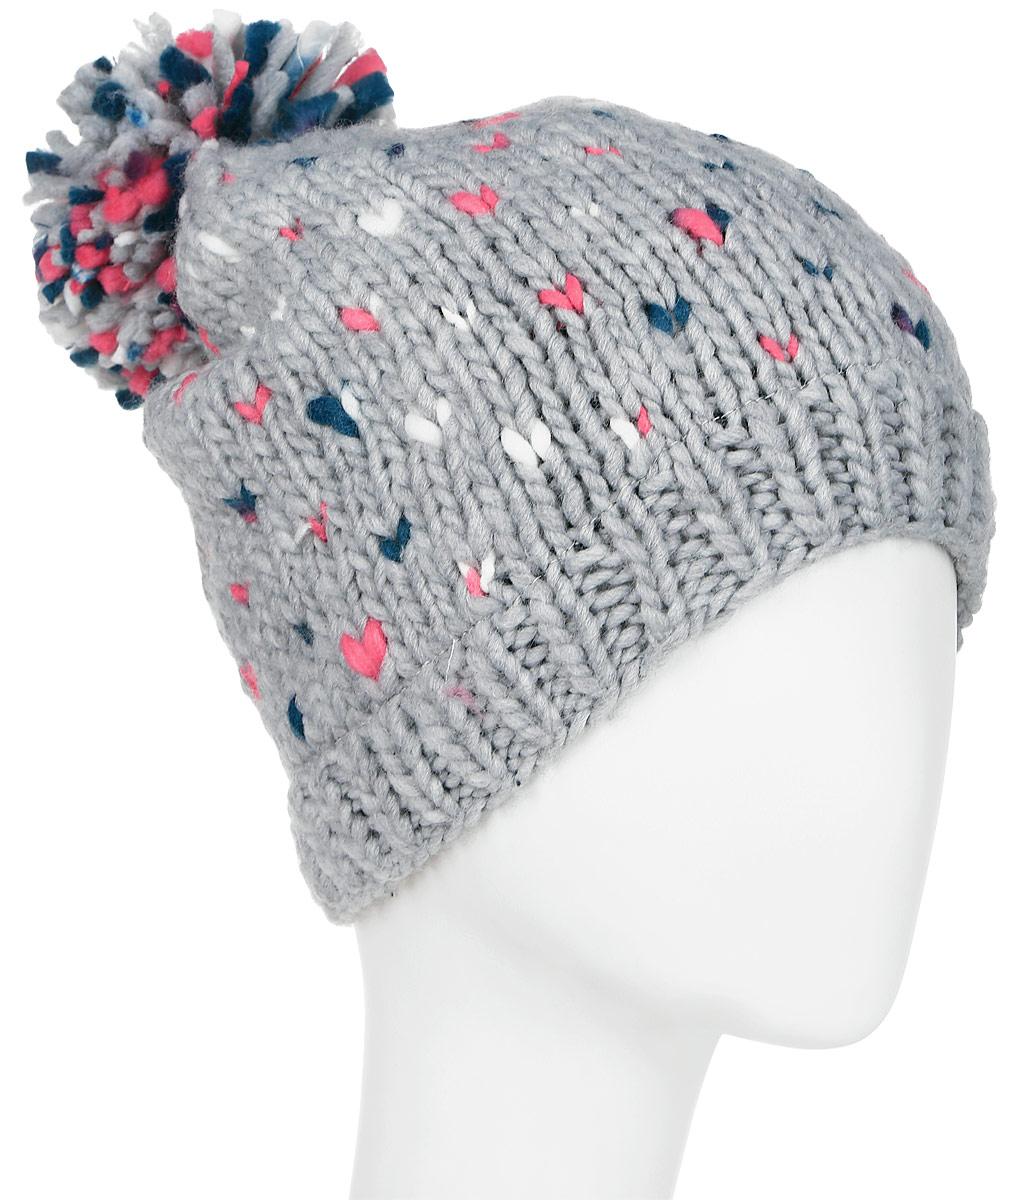 Шапка женская Roxy Dena, цвет: серый. ERJHA03093-SLA0. Размер универсальныйERJHA03093-SLA0Женская шапка выполнена из высококачественного материала. Подкладка из флиса Polar по краю.